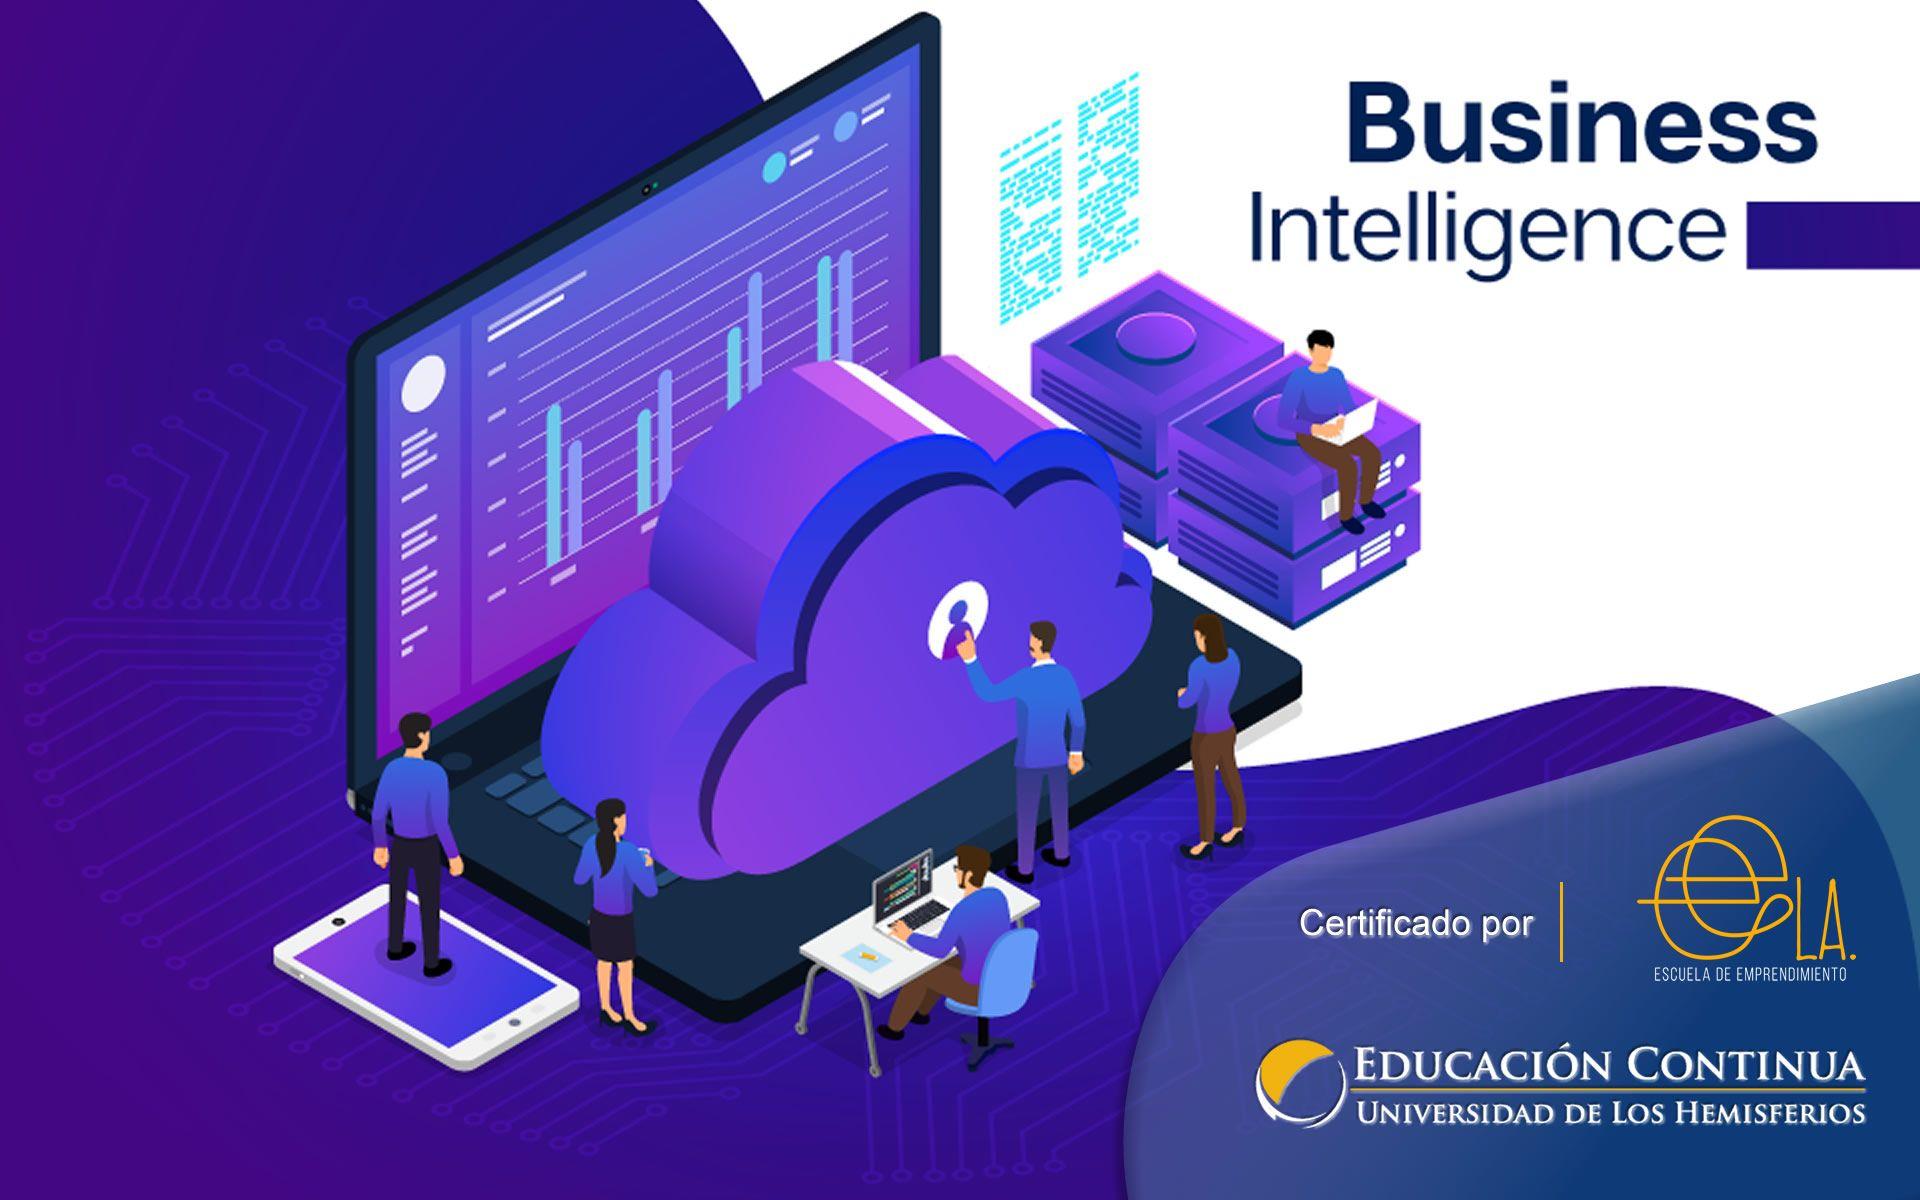 Programa de Big Data & Business Intelligence explotando el poder de los datos